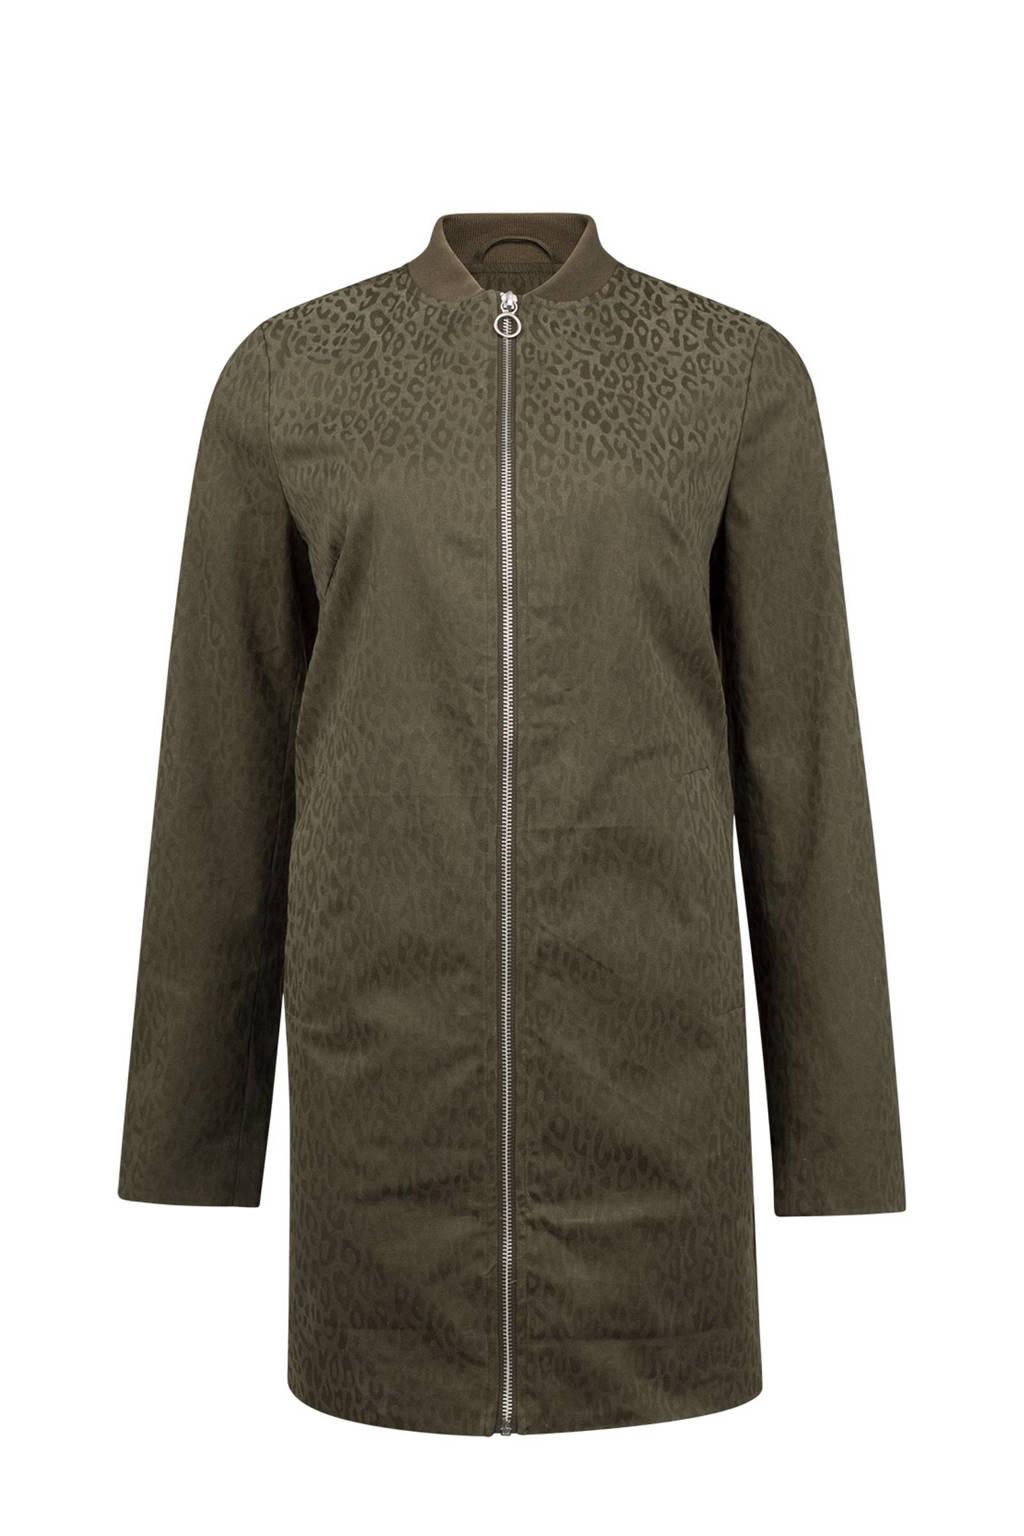 WE Fashion jas met luipaard dessin, Olijfgroen